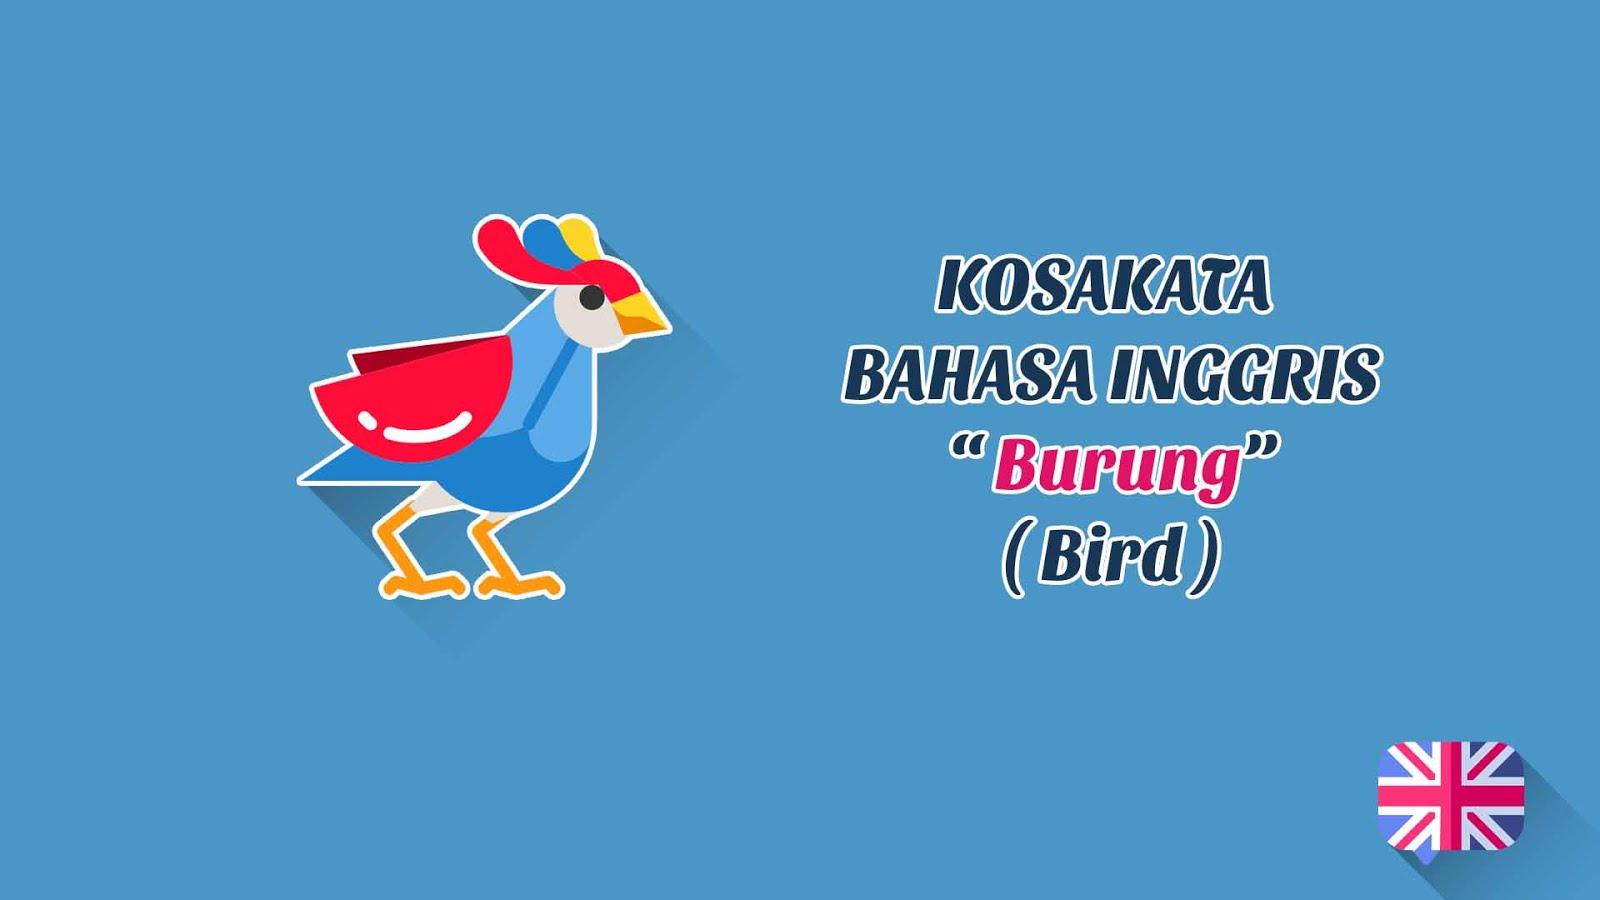 Jenis-Jenis Burung (Bird) + Pronunciation - Kosakata Bahasa Inggris